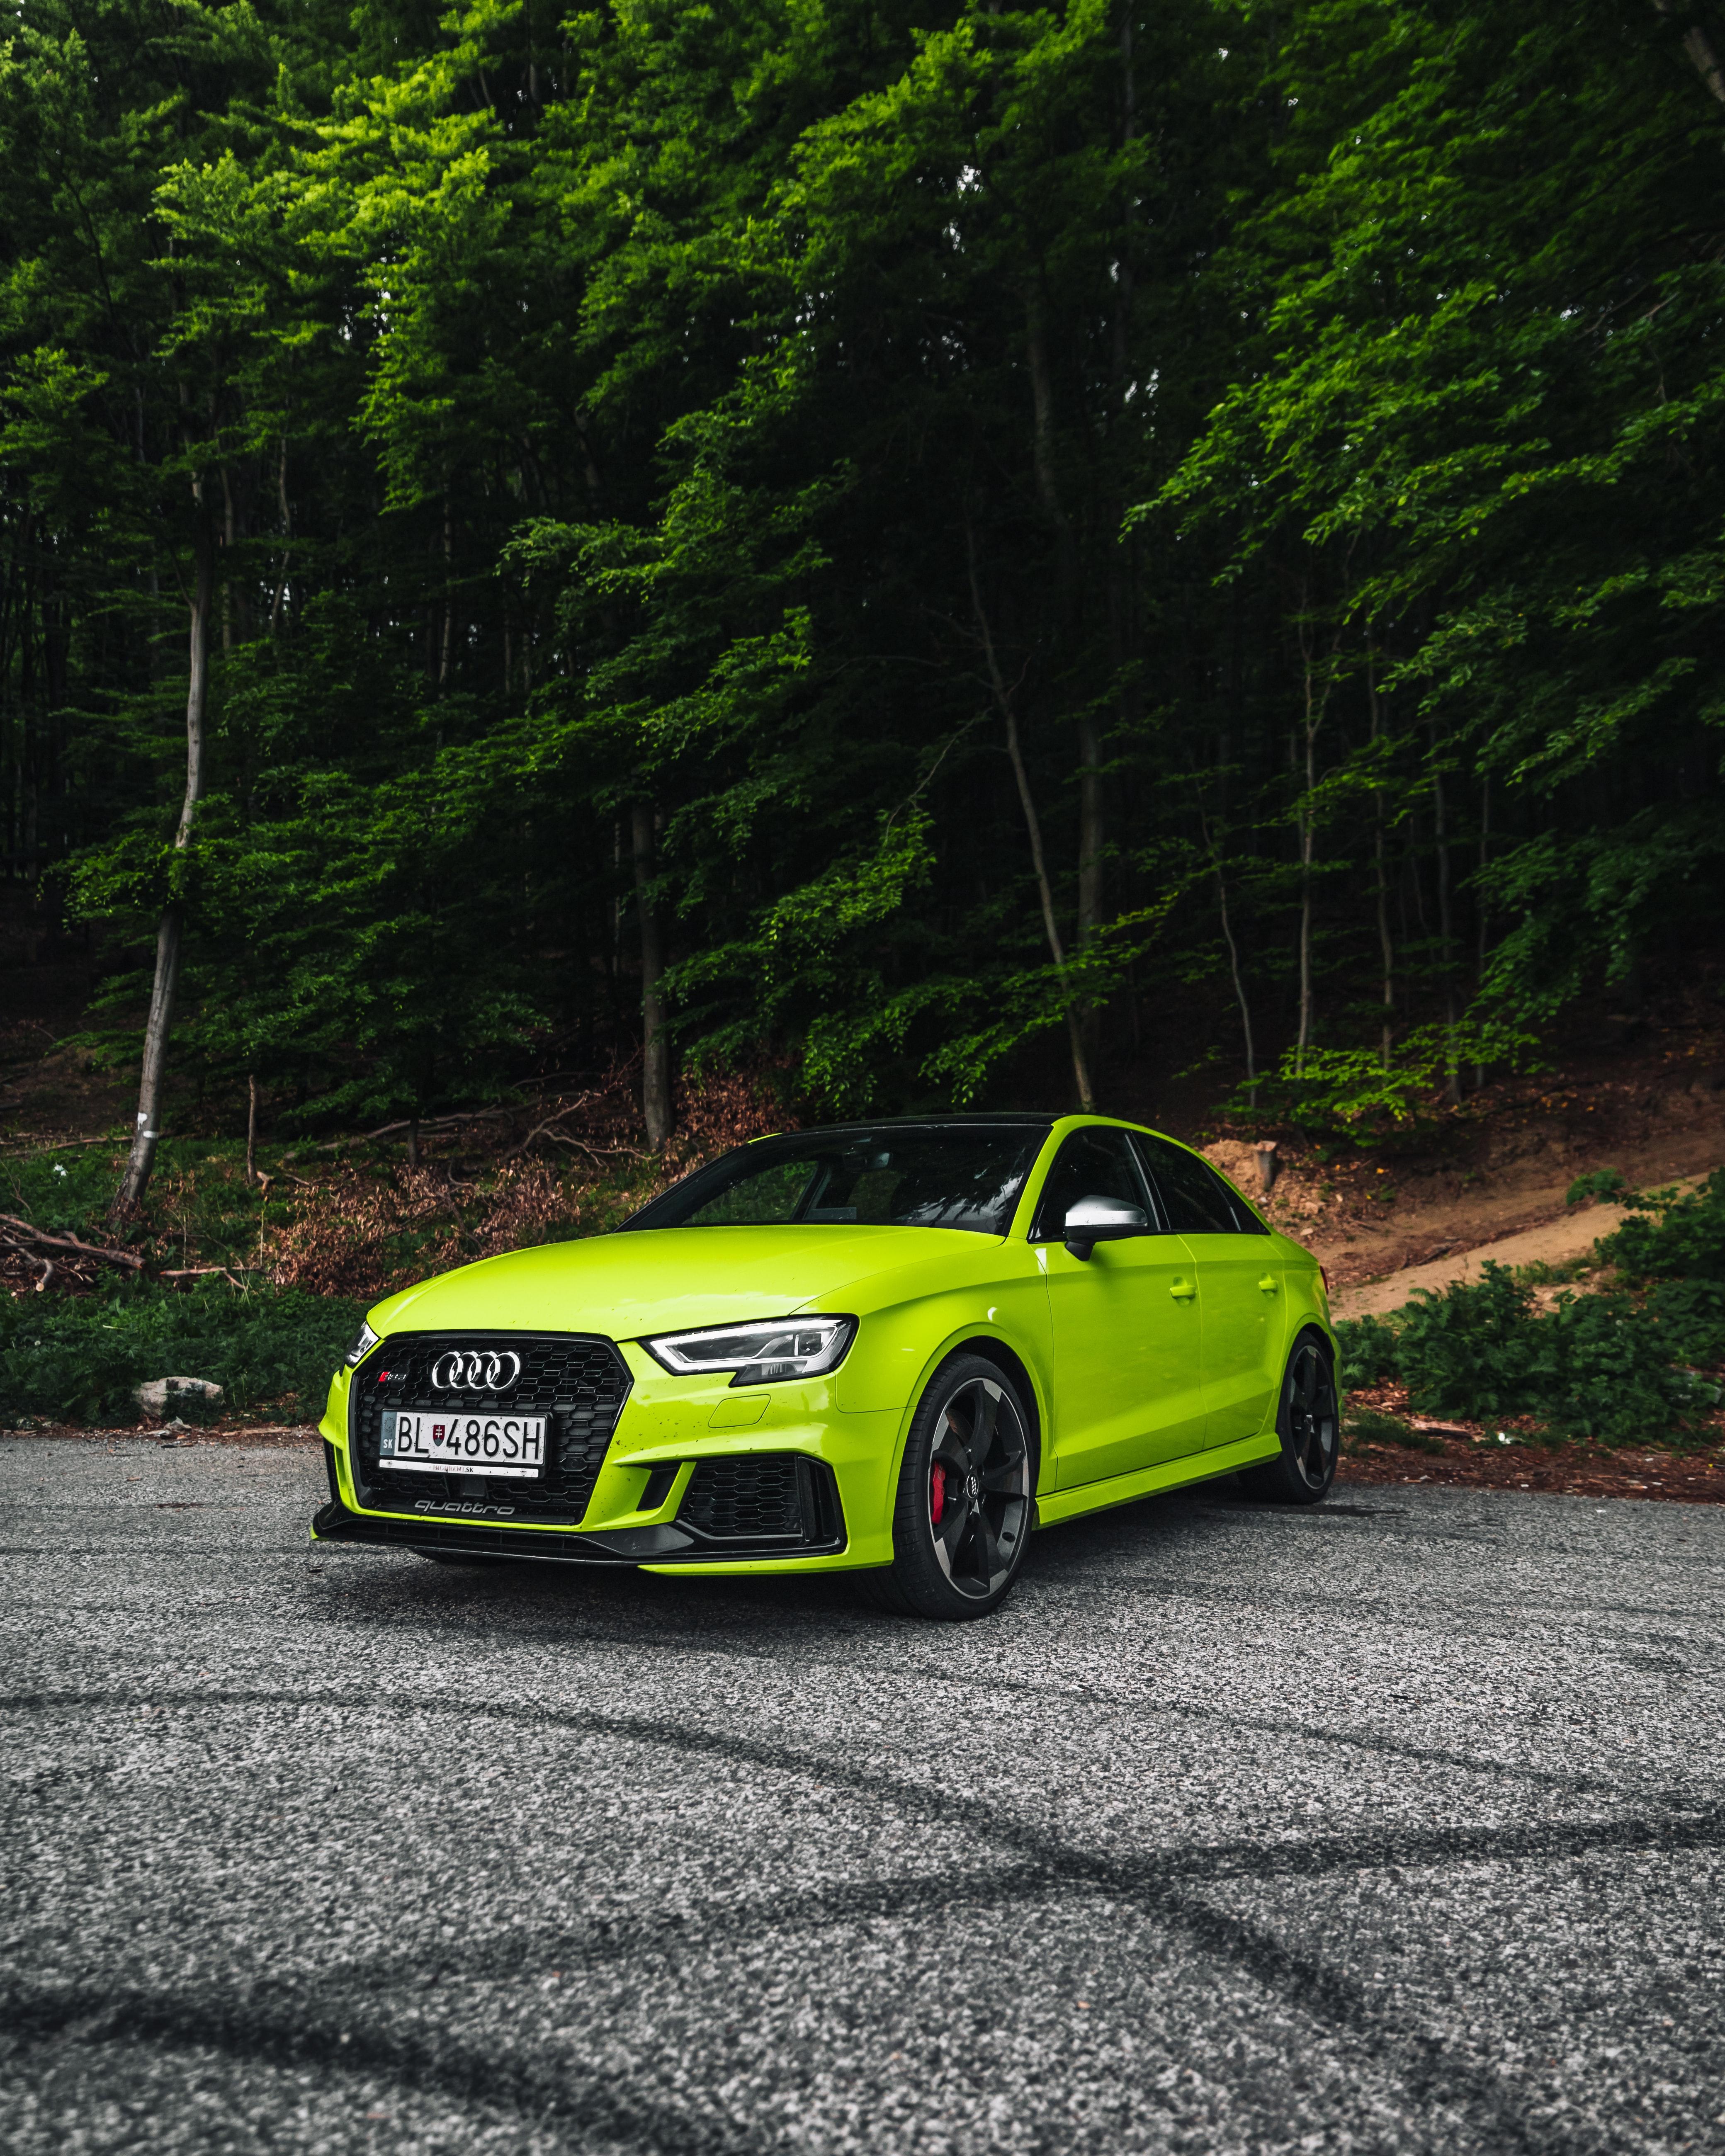 120104 скачать обои Ауди (Audi), Автомобиль, Тачки (Cars), Спорткар, Зеленый, Audi Rs4 - заставки и картинки бесплатно